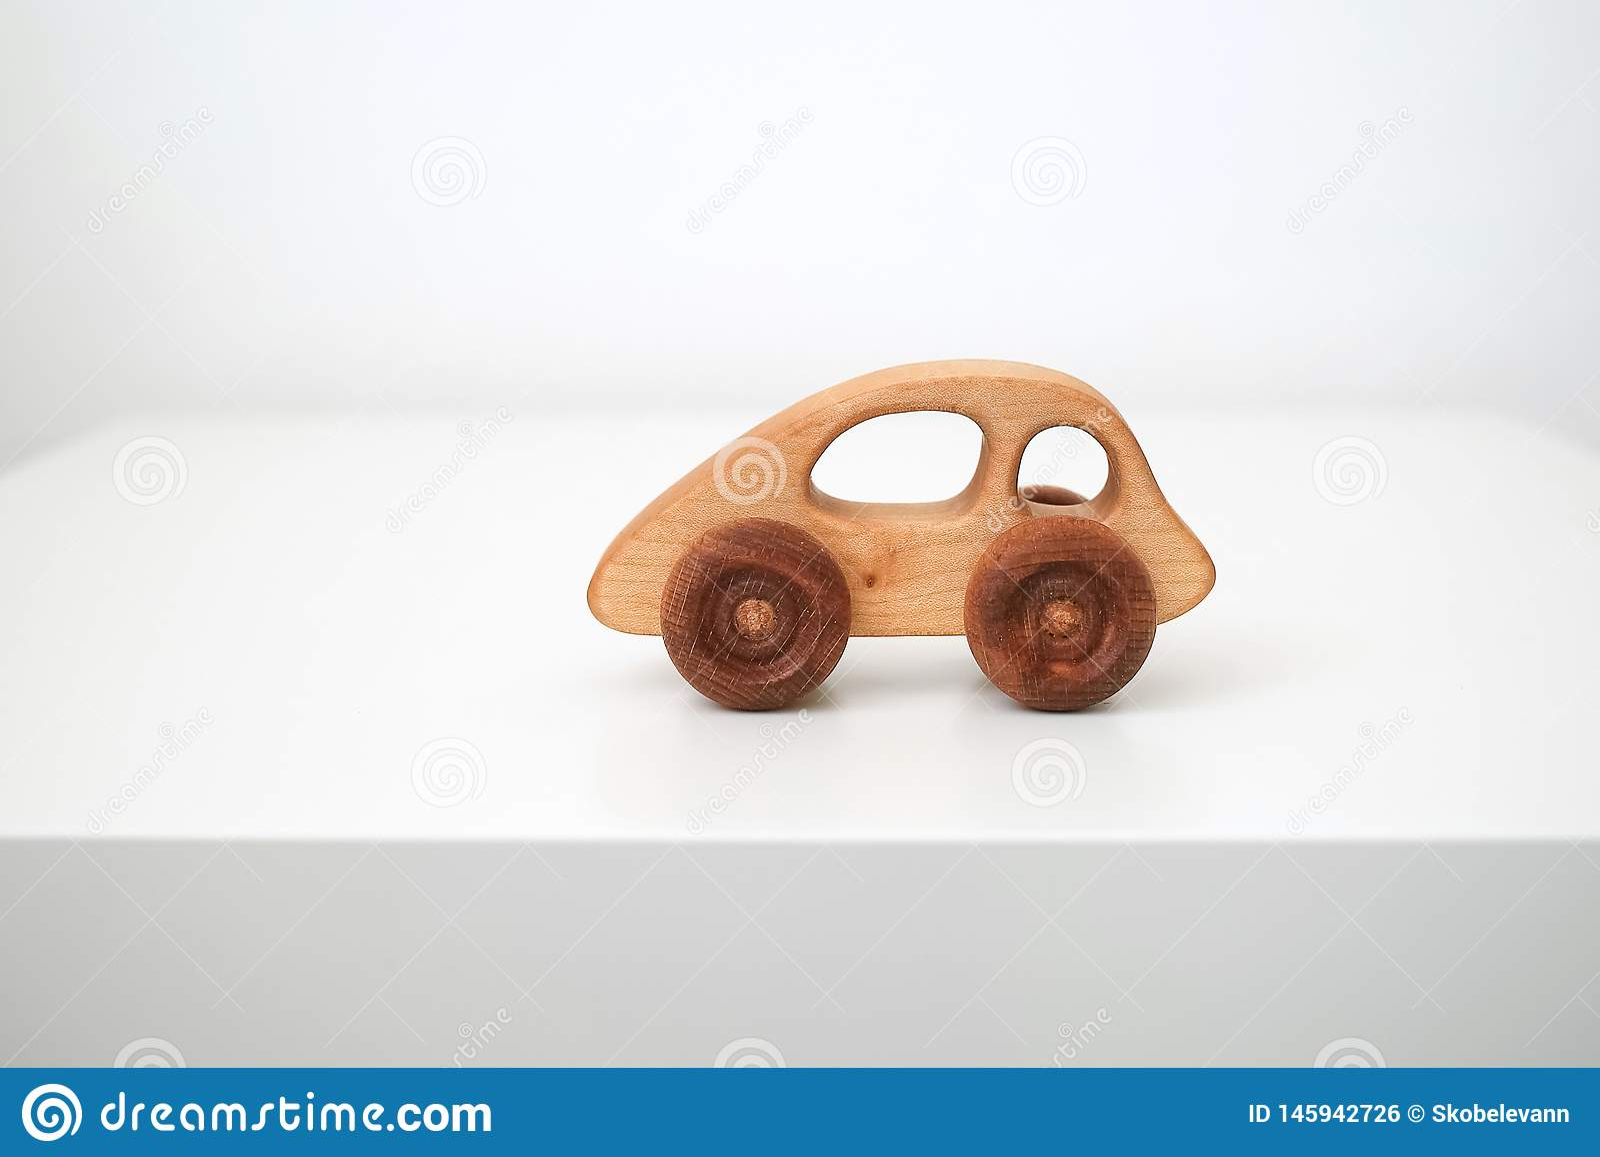 木儿童的玩具机器